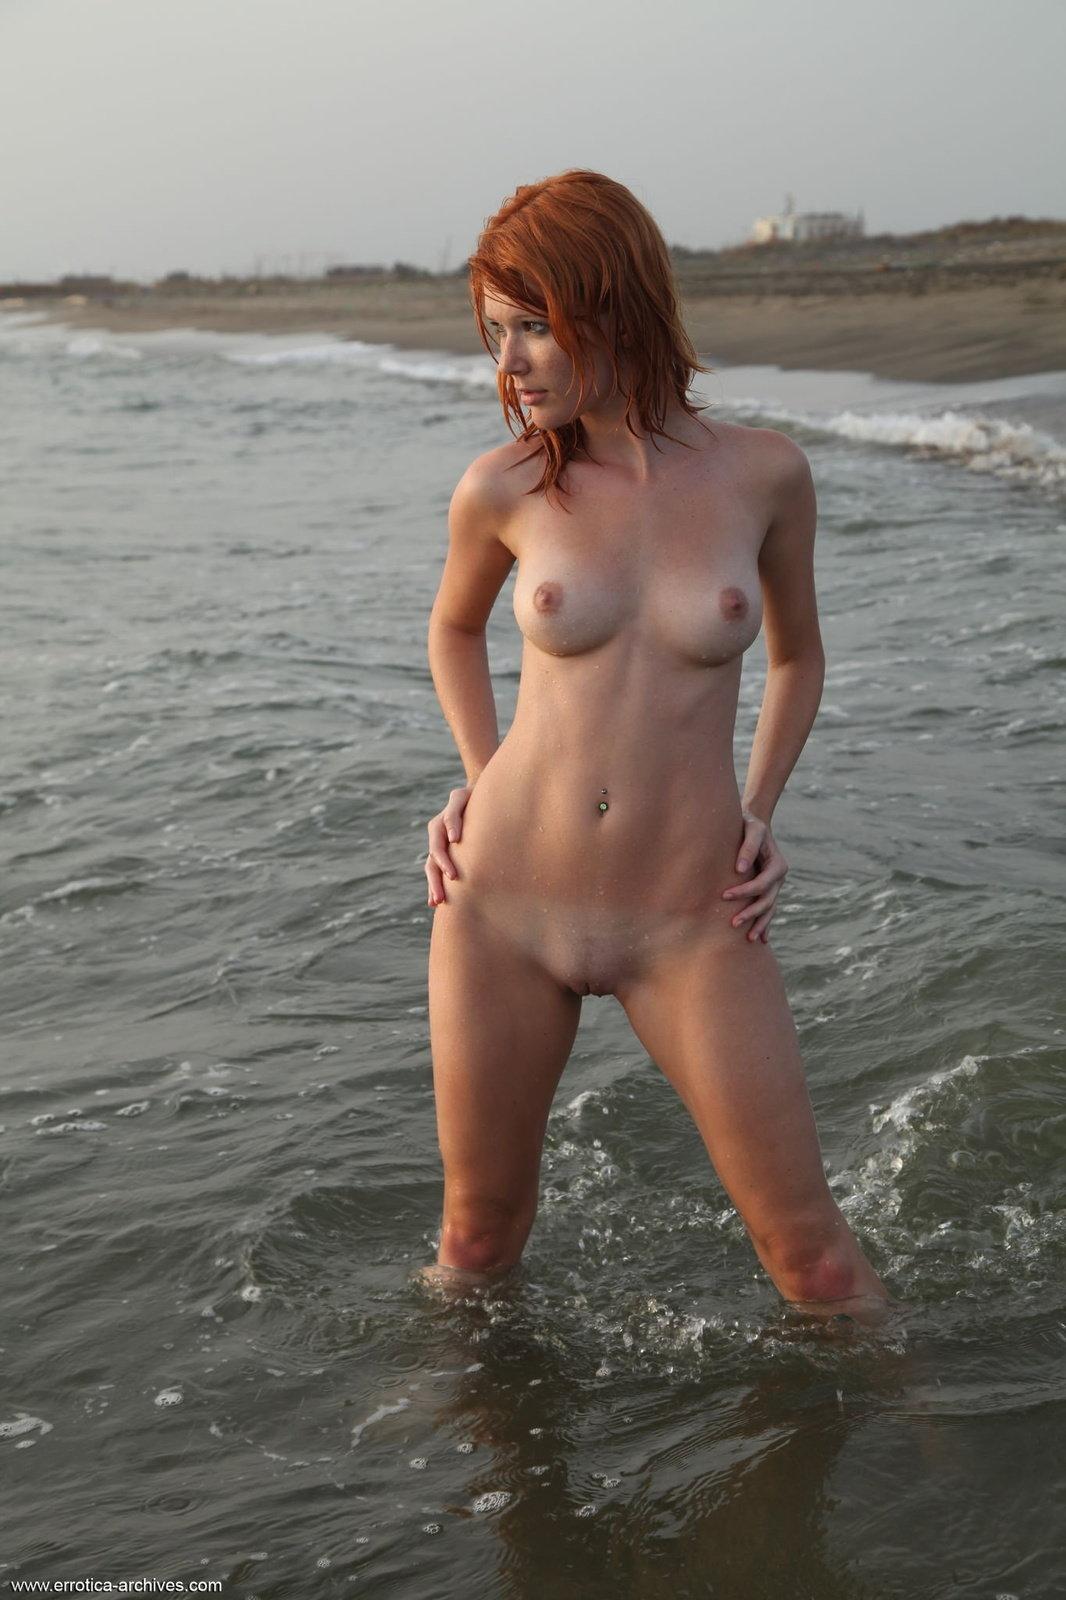 Zdjęcie porno - 134 - Tyłeczek w piasku